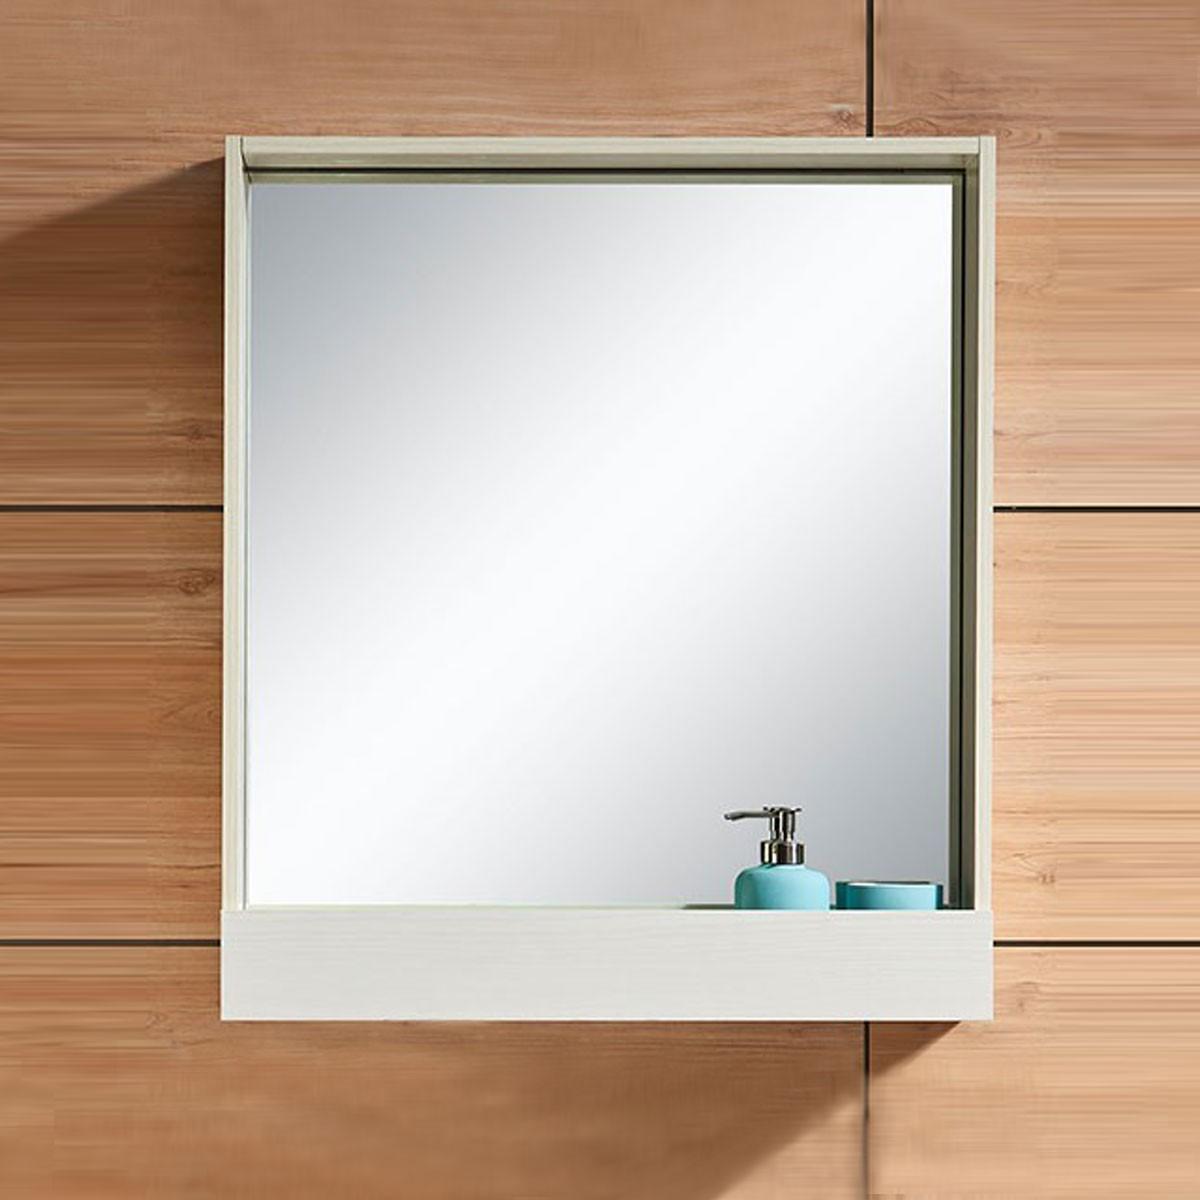 28 x 31 po Miroir pour Meuble Salle de Bain (DK-657800-M)